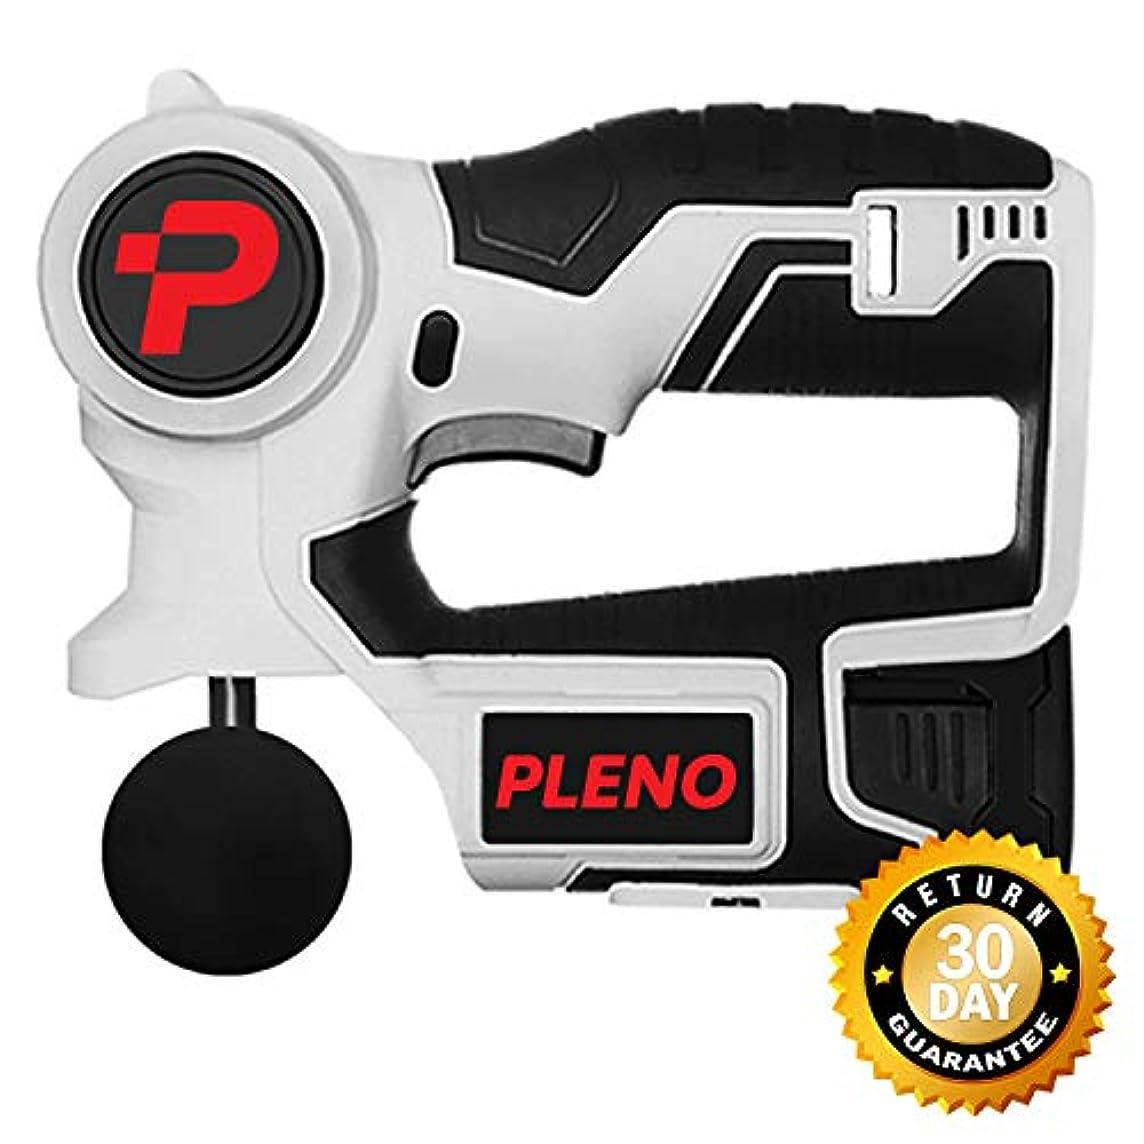 コールド章ええProfessional Deep Muscle Massager: Pleno M3.0 Powerful Handheld Tissue Massager Gun,コードレスで筋肉を刺激 141[並行輸入]